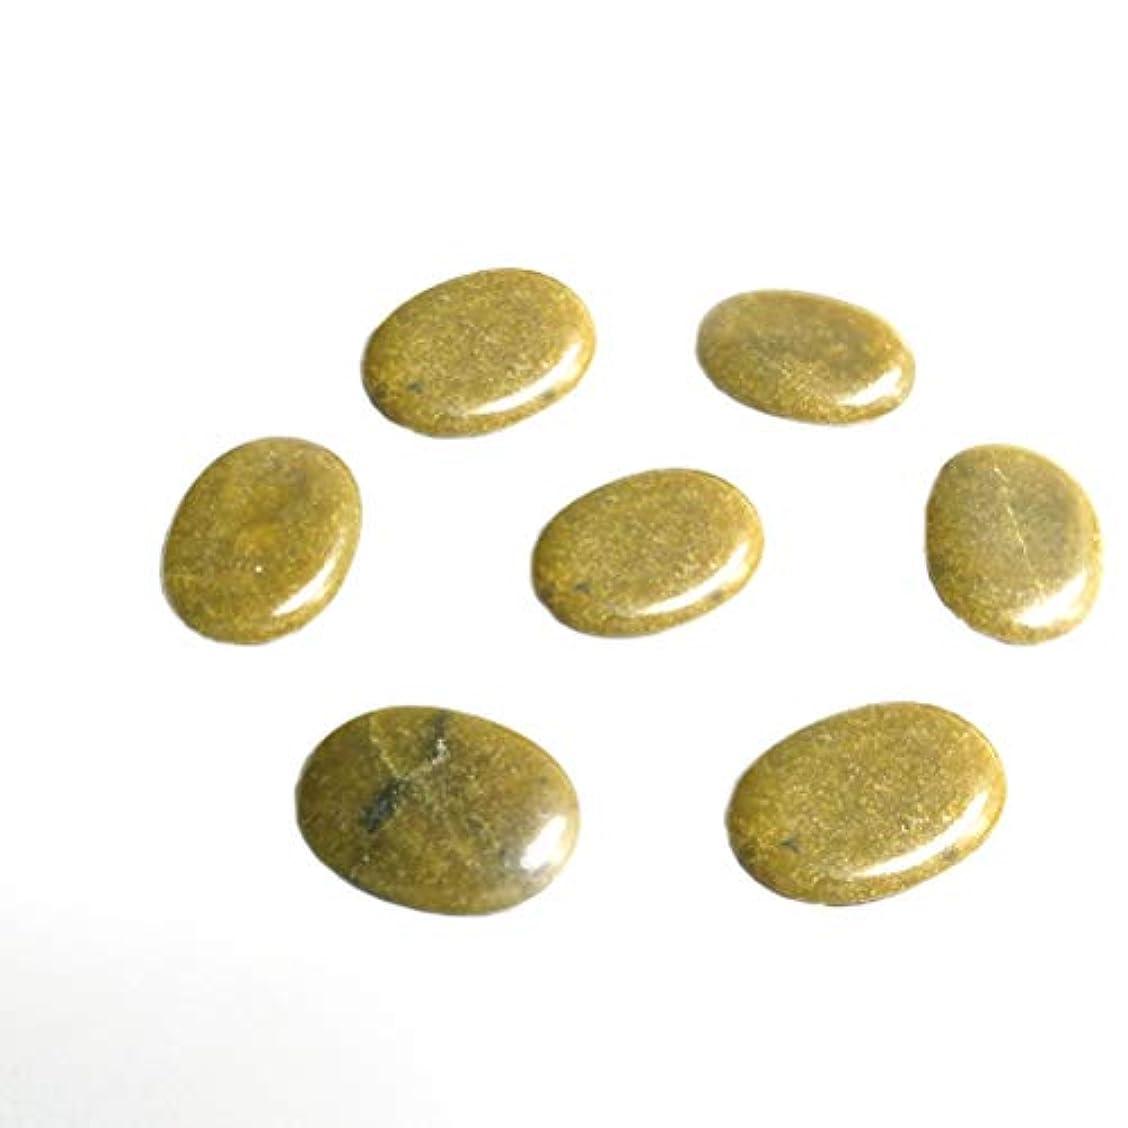 嫌がらせ趣味団結SUPVOX スパマッサージ療法のための8個のマッサージホットストーングーシャロックマッサージツールウォーマー(グリーン)